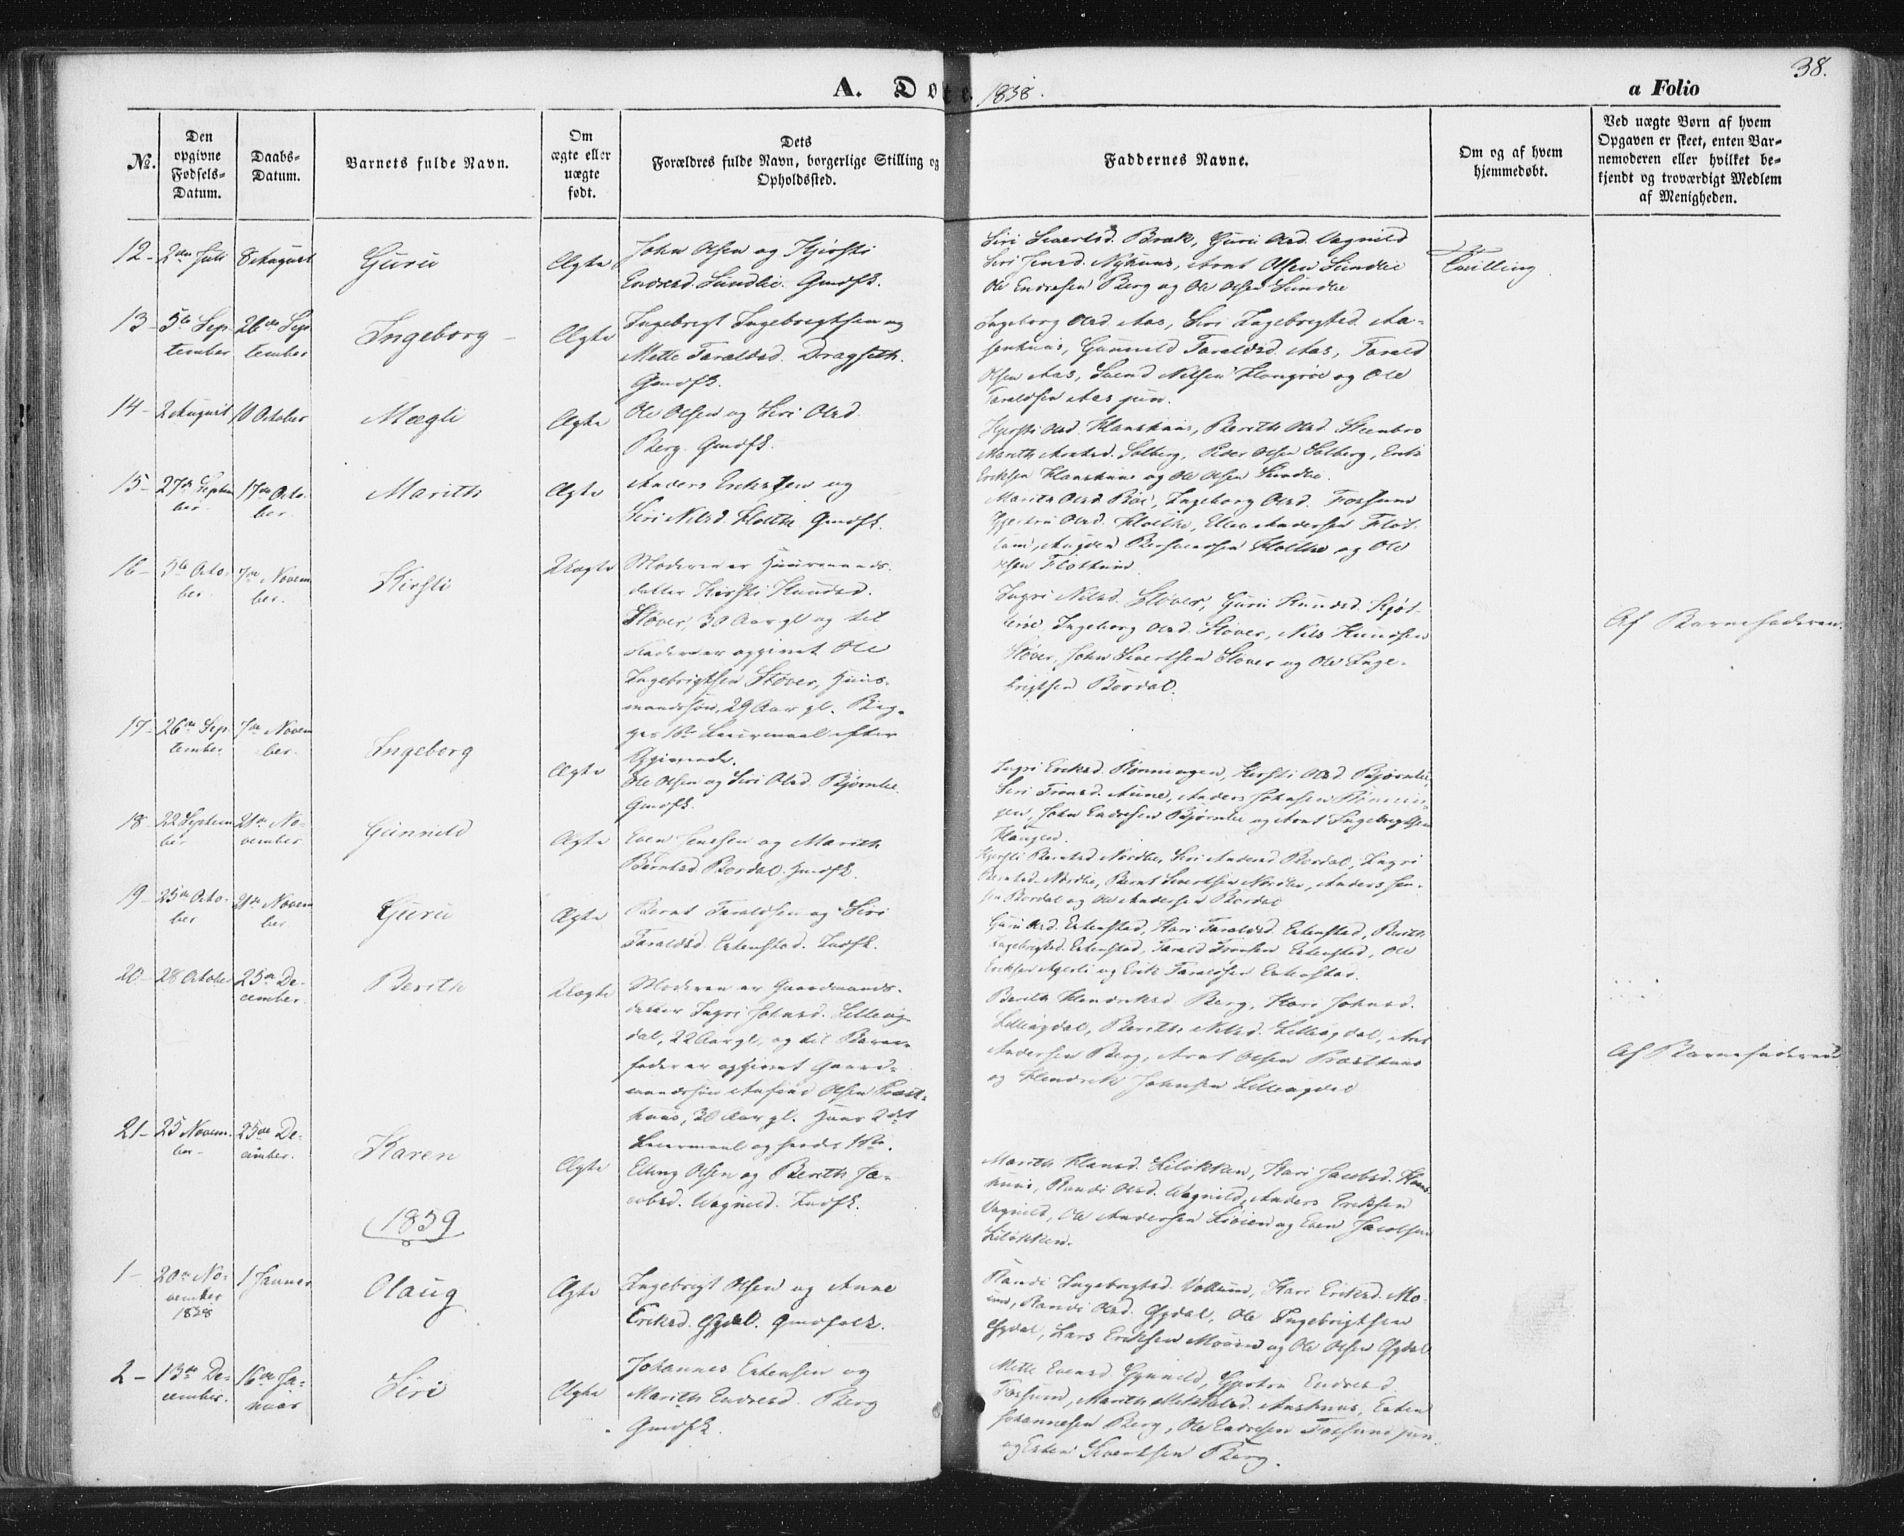 SAT, Ministerialprotokoller, klokkerbøker og fødselsregistre - Sør-Trøndelag, 689/L1038: Ministerialbok nr. 689A03, 1848-1872, s. 38